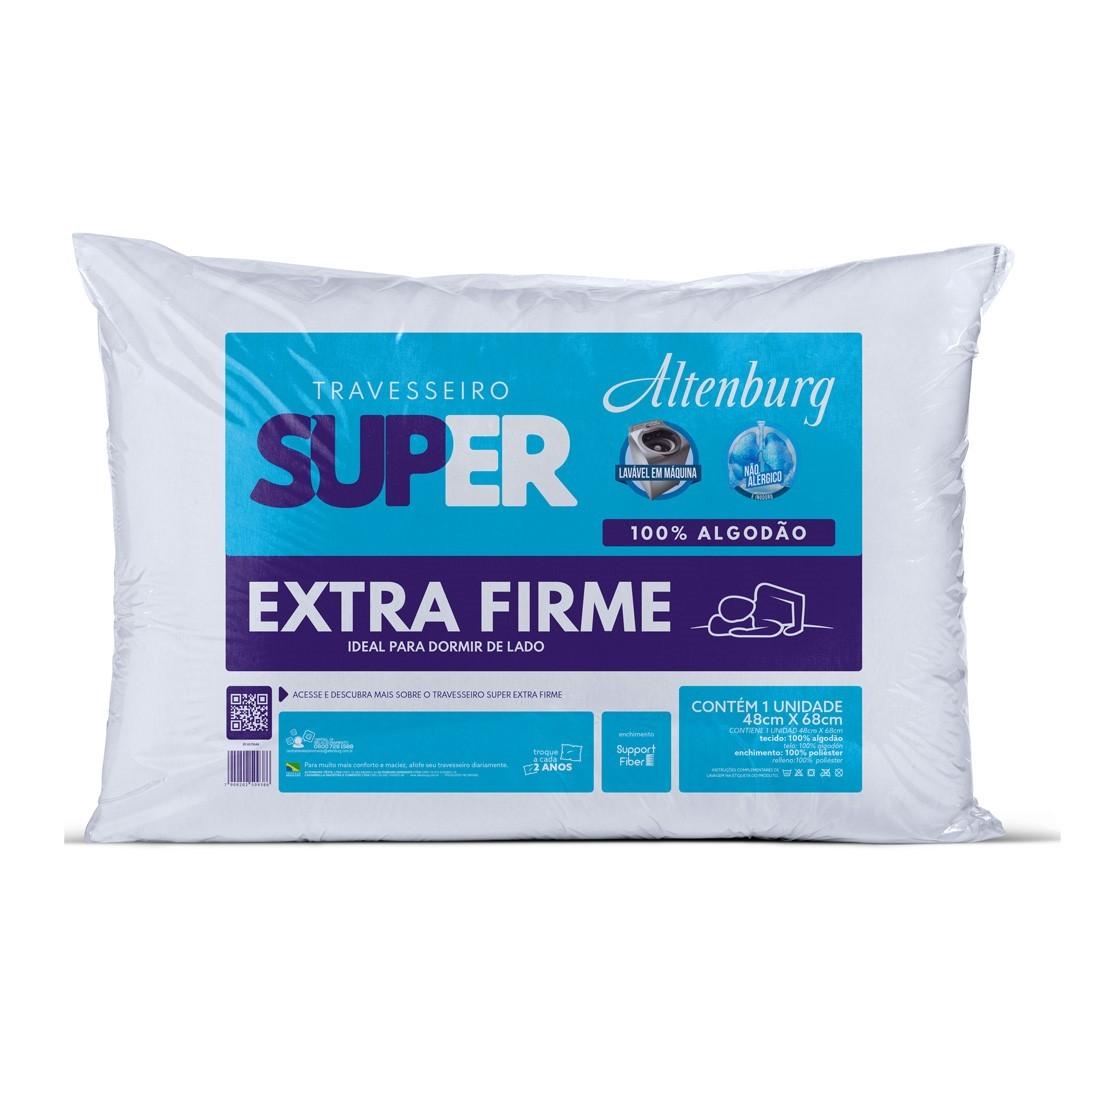 Travesseiro Super Extra Firme